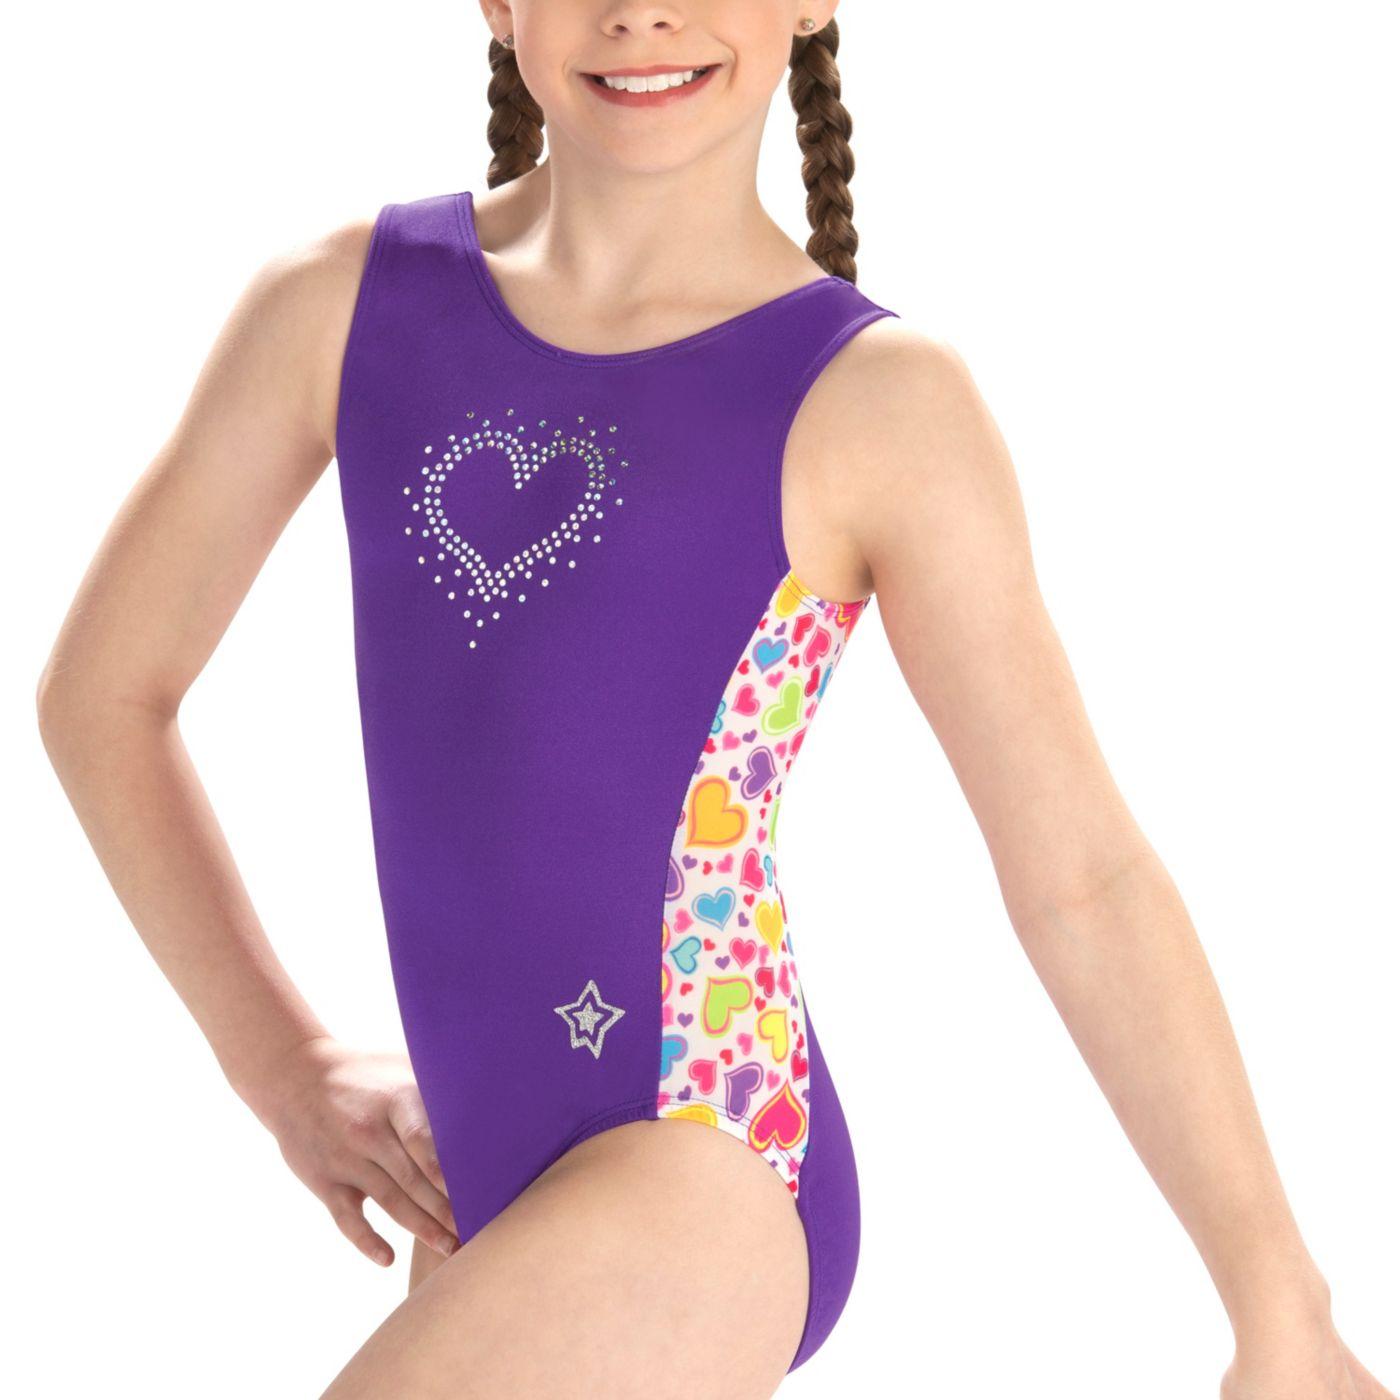 GK Elite Youth Sweet Heart Gymnastics Leotard